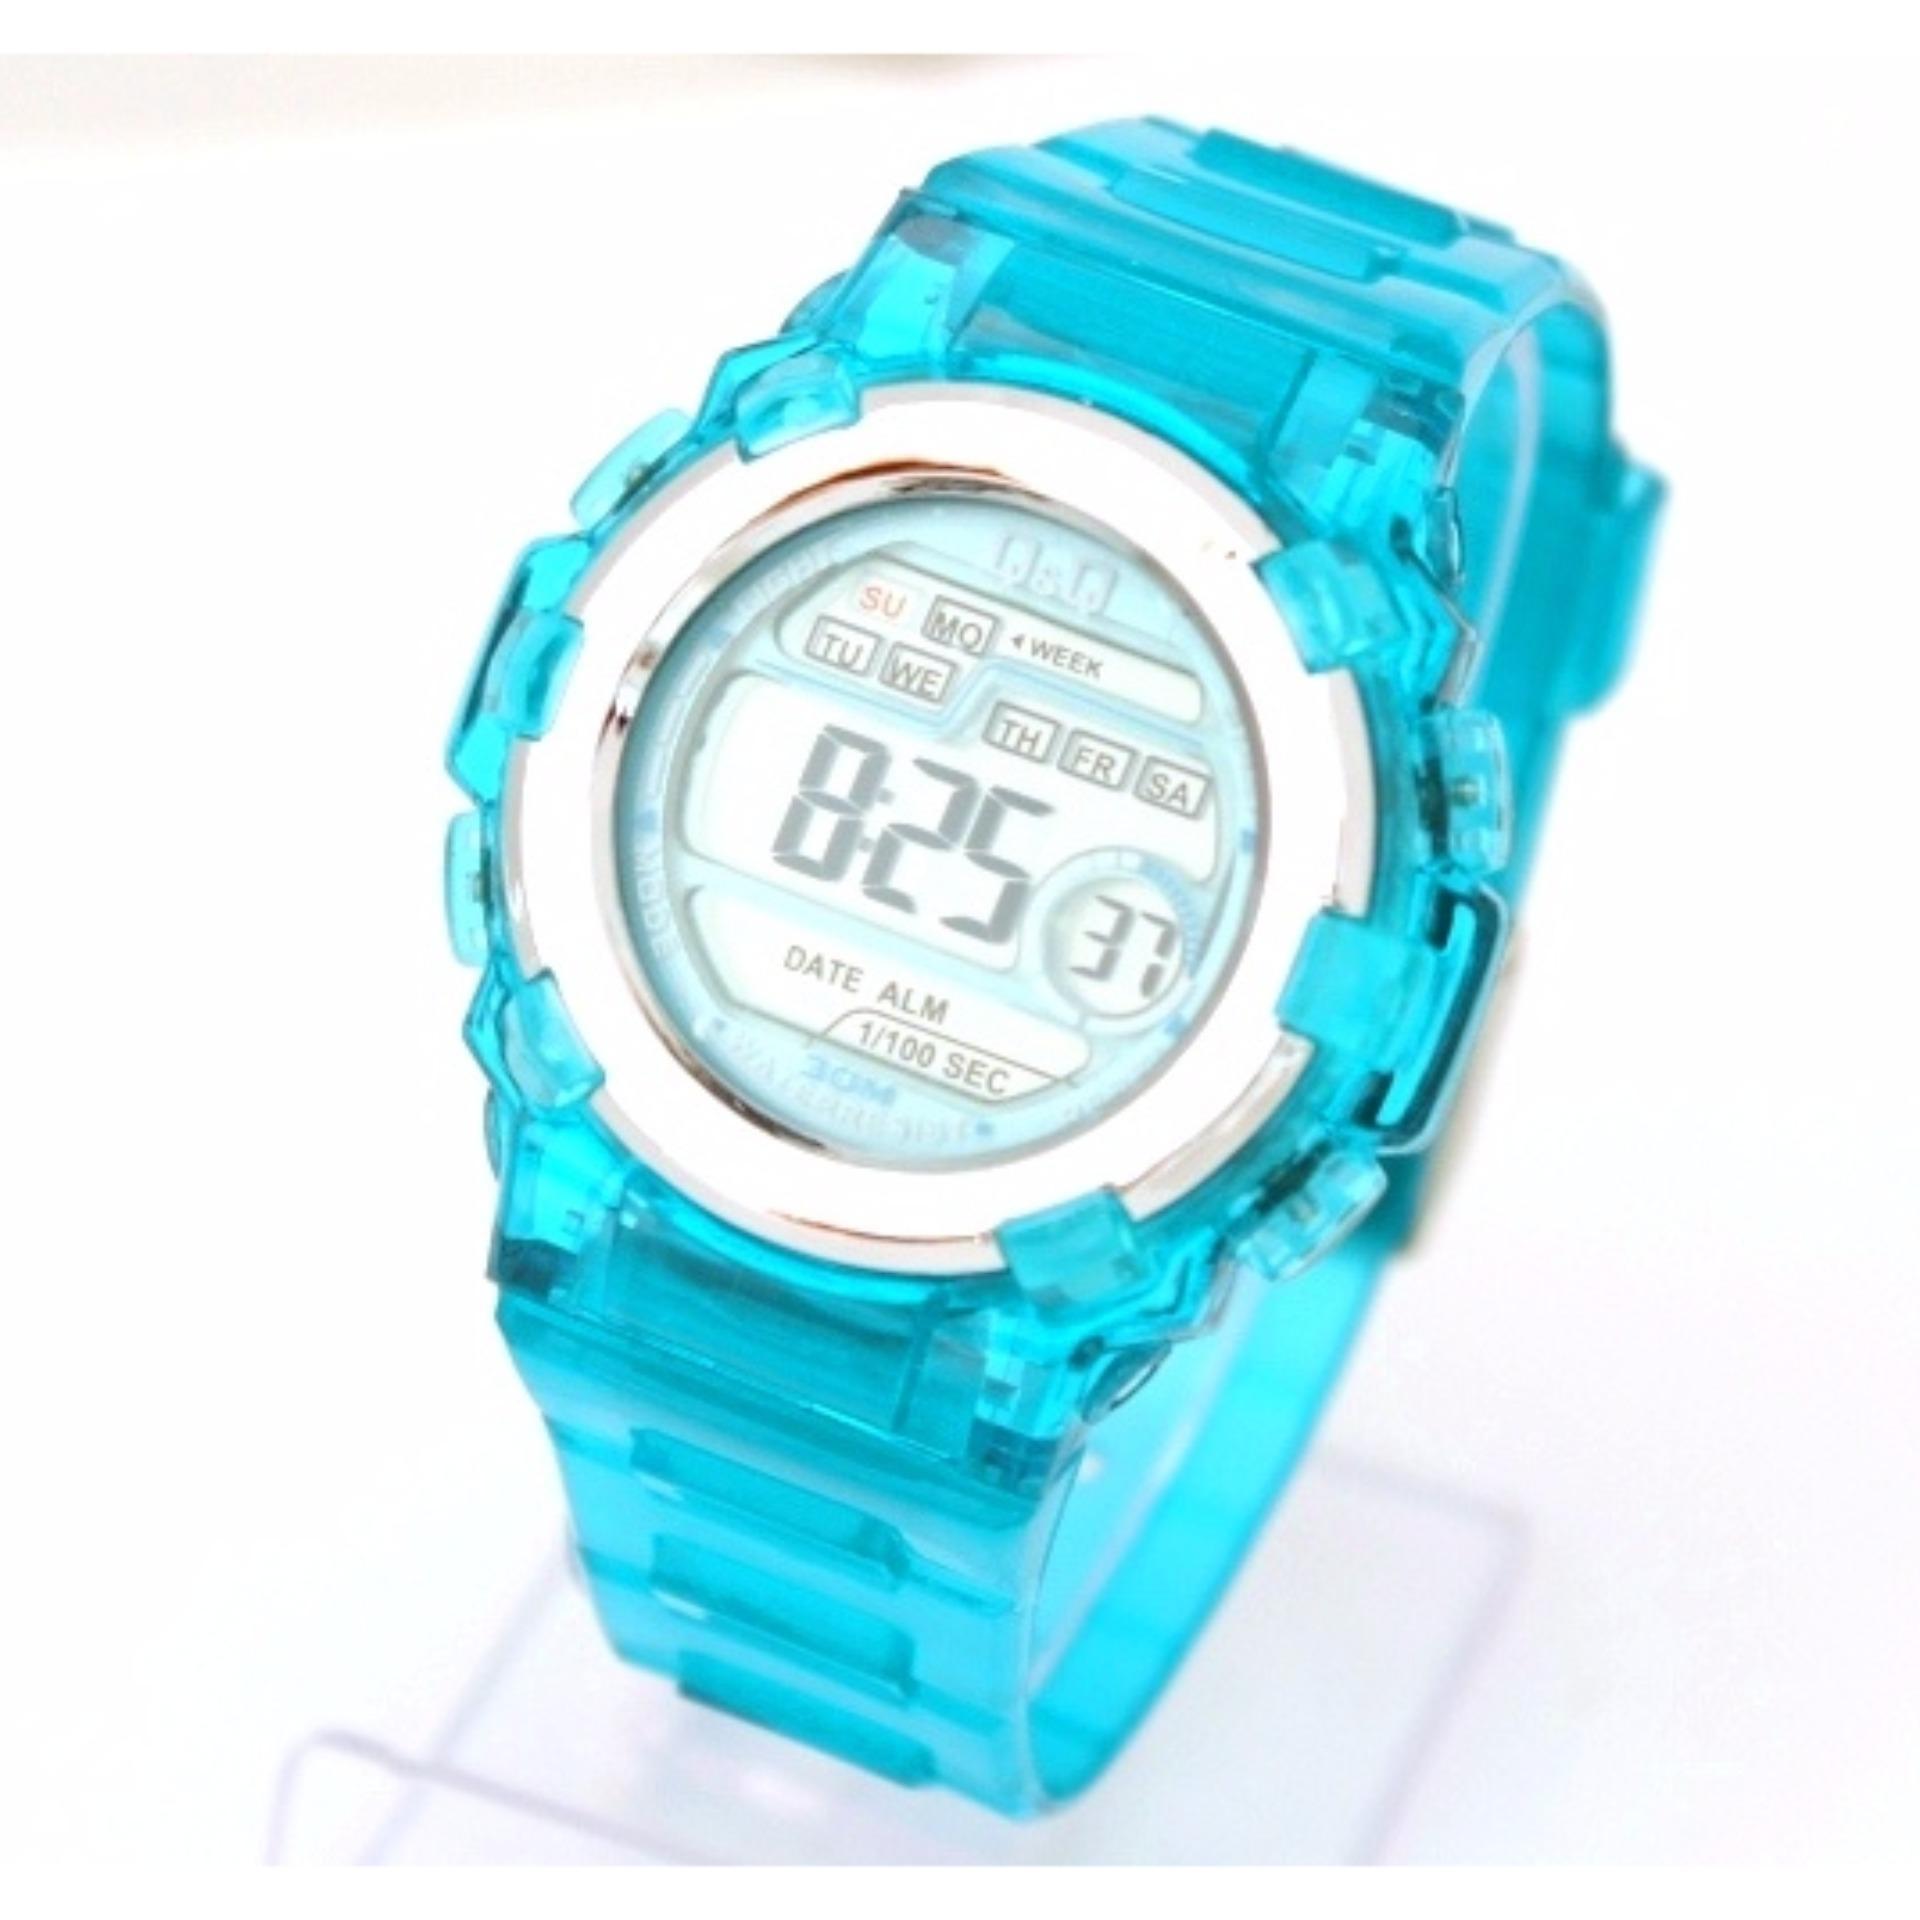 The Cheapest Price Lasika Pilot Jam Tangan Anak Pria Rubber Strap Cowo Qq Watch 8854z Transparan Wanita